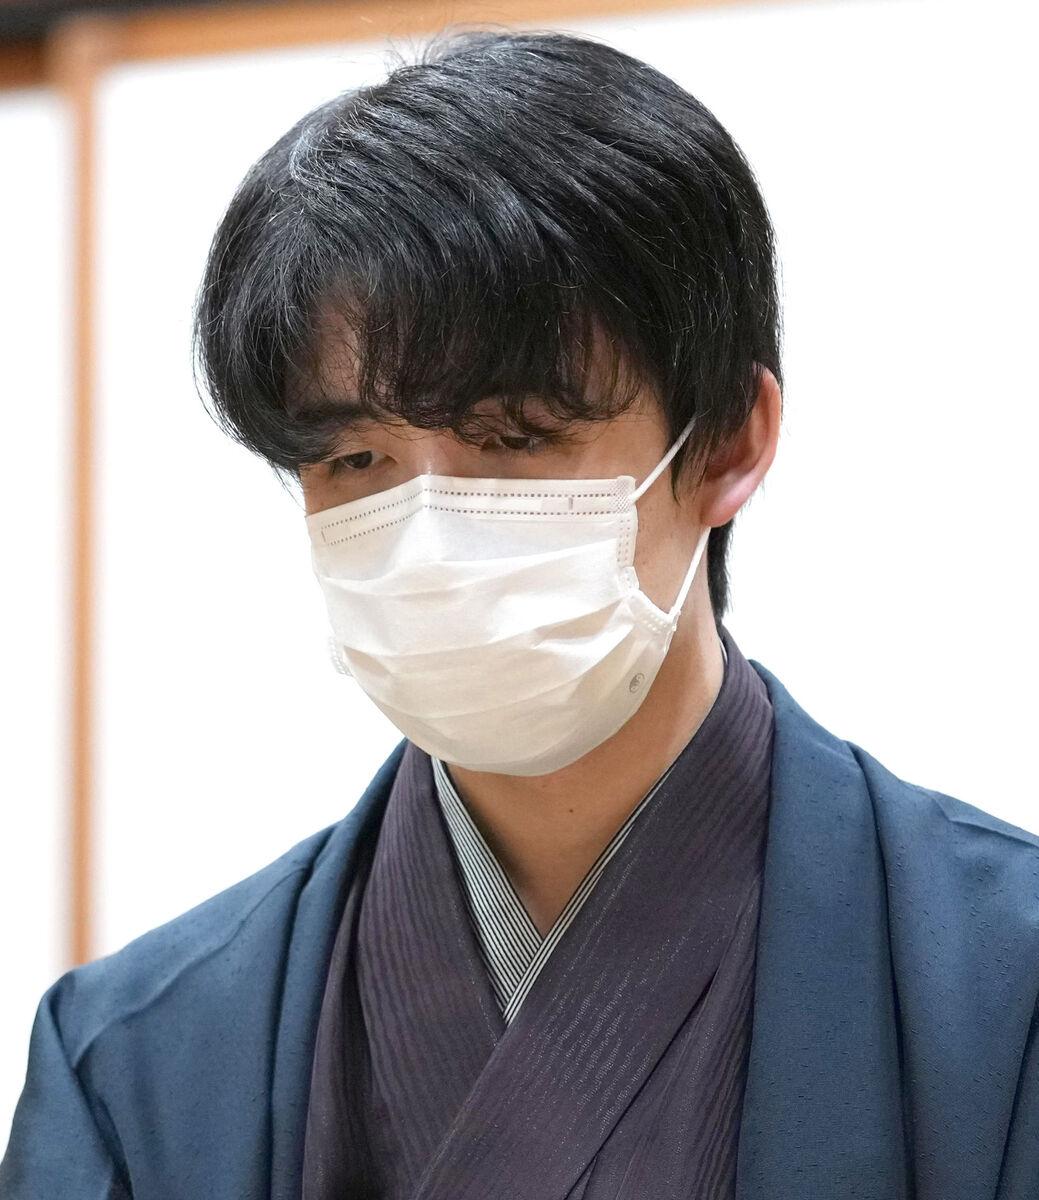 藤井聡太王位が就位式に出席 大雨被害の旅館に見舞いの言葉「伺えることを楽しみに」